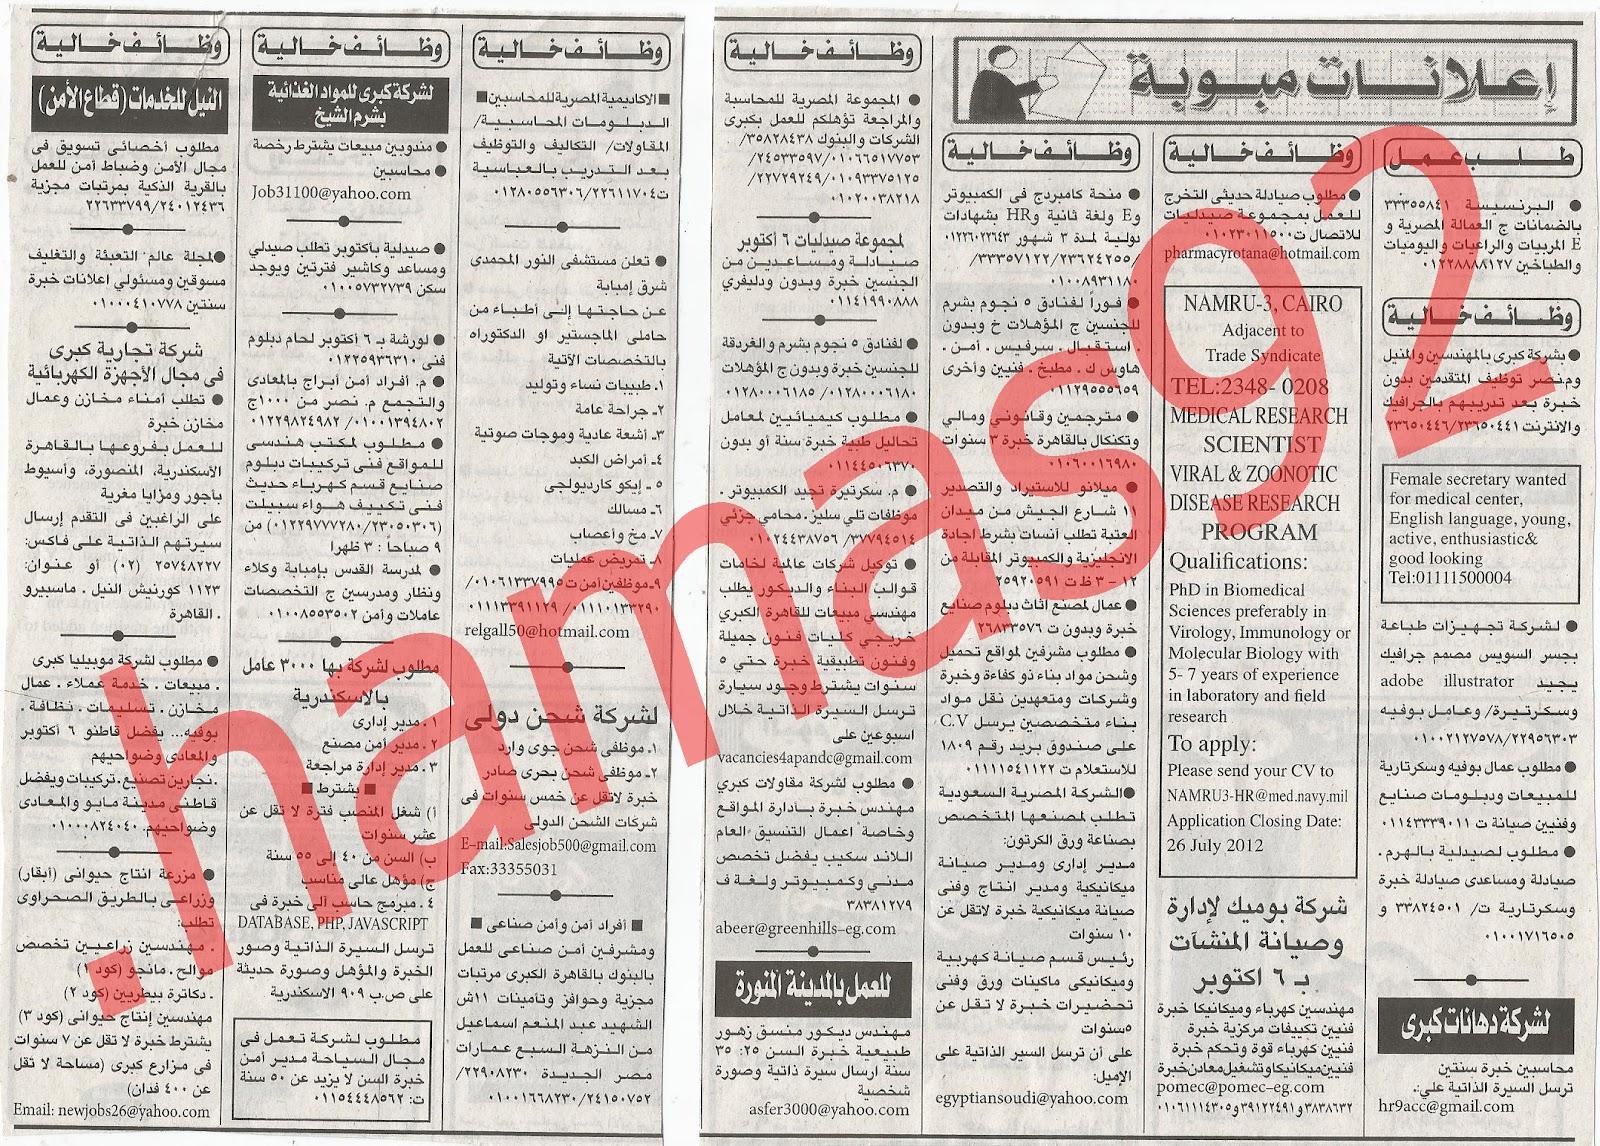 وظائف جريدة الاهرام الجمعة 20/7/2012 - الاعلانات كاملة 6